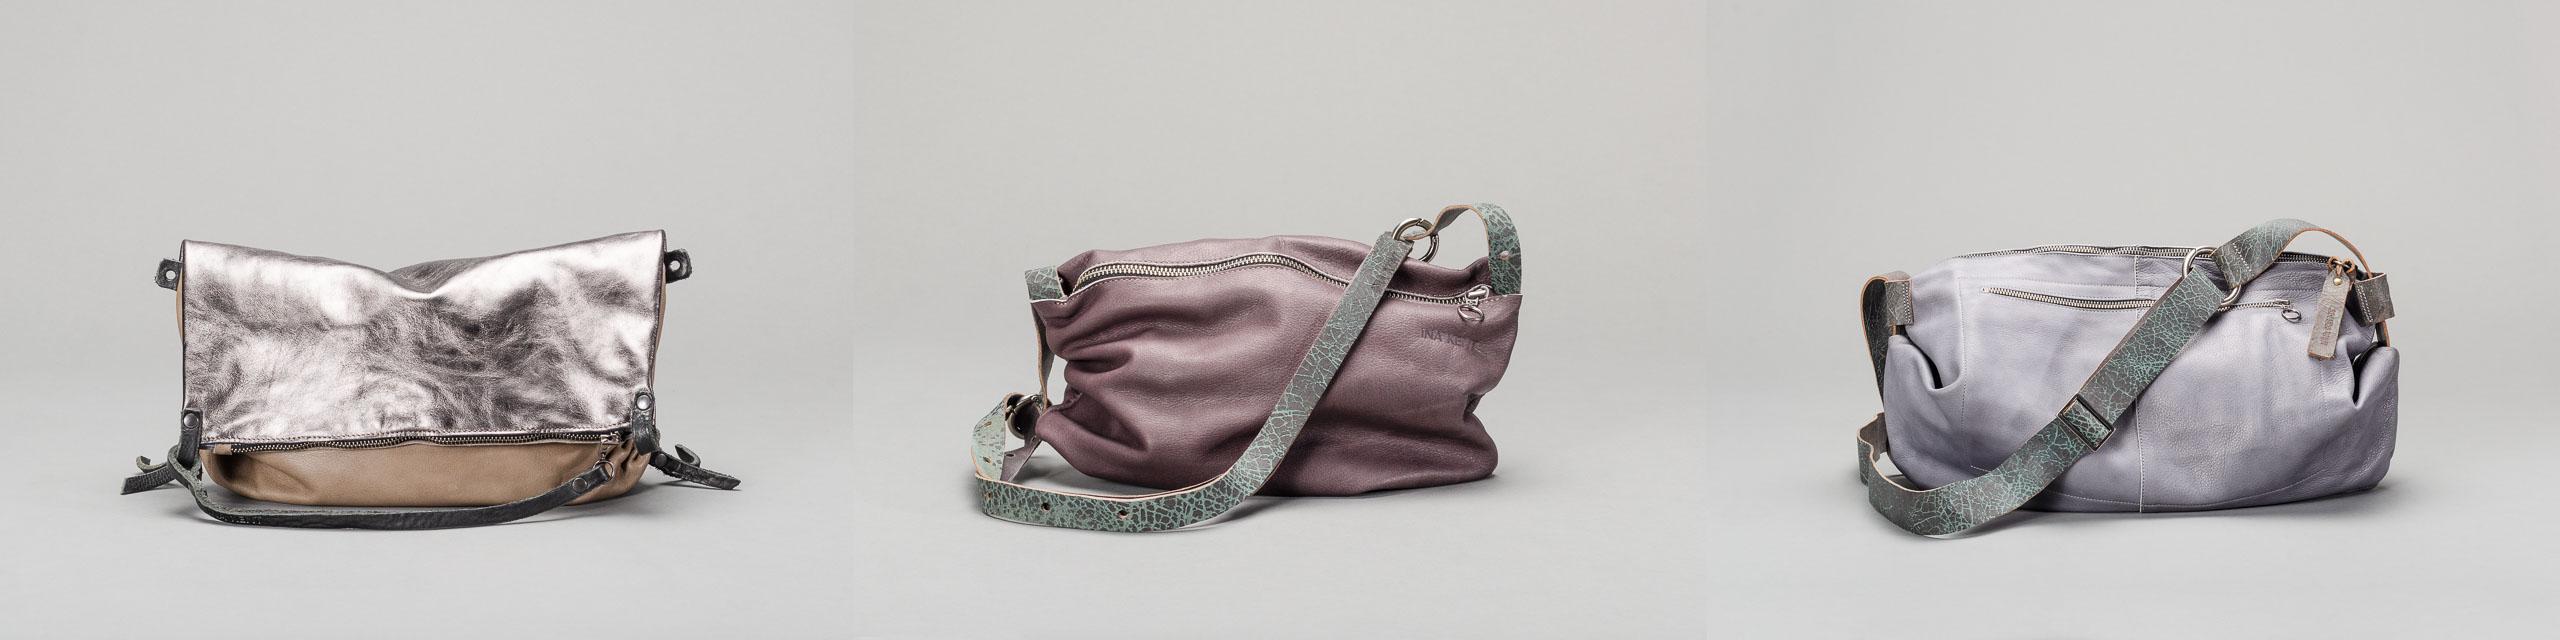 Drei Katalog-/Webshop-Fotos von Handtaschen vor grauem Hintergrund